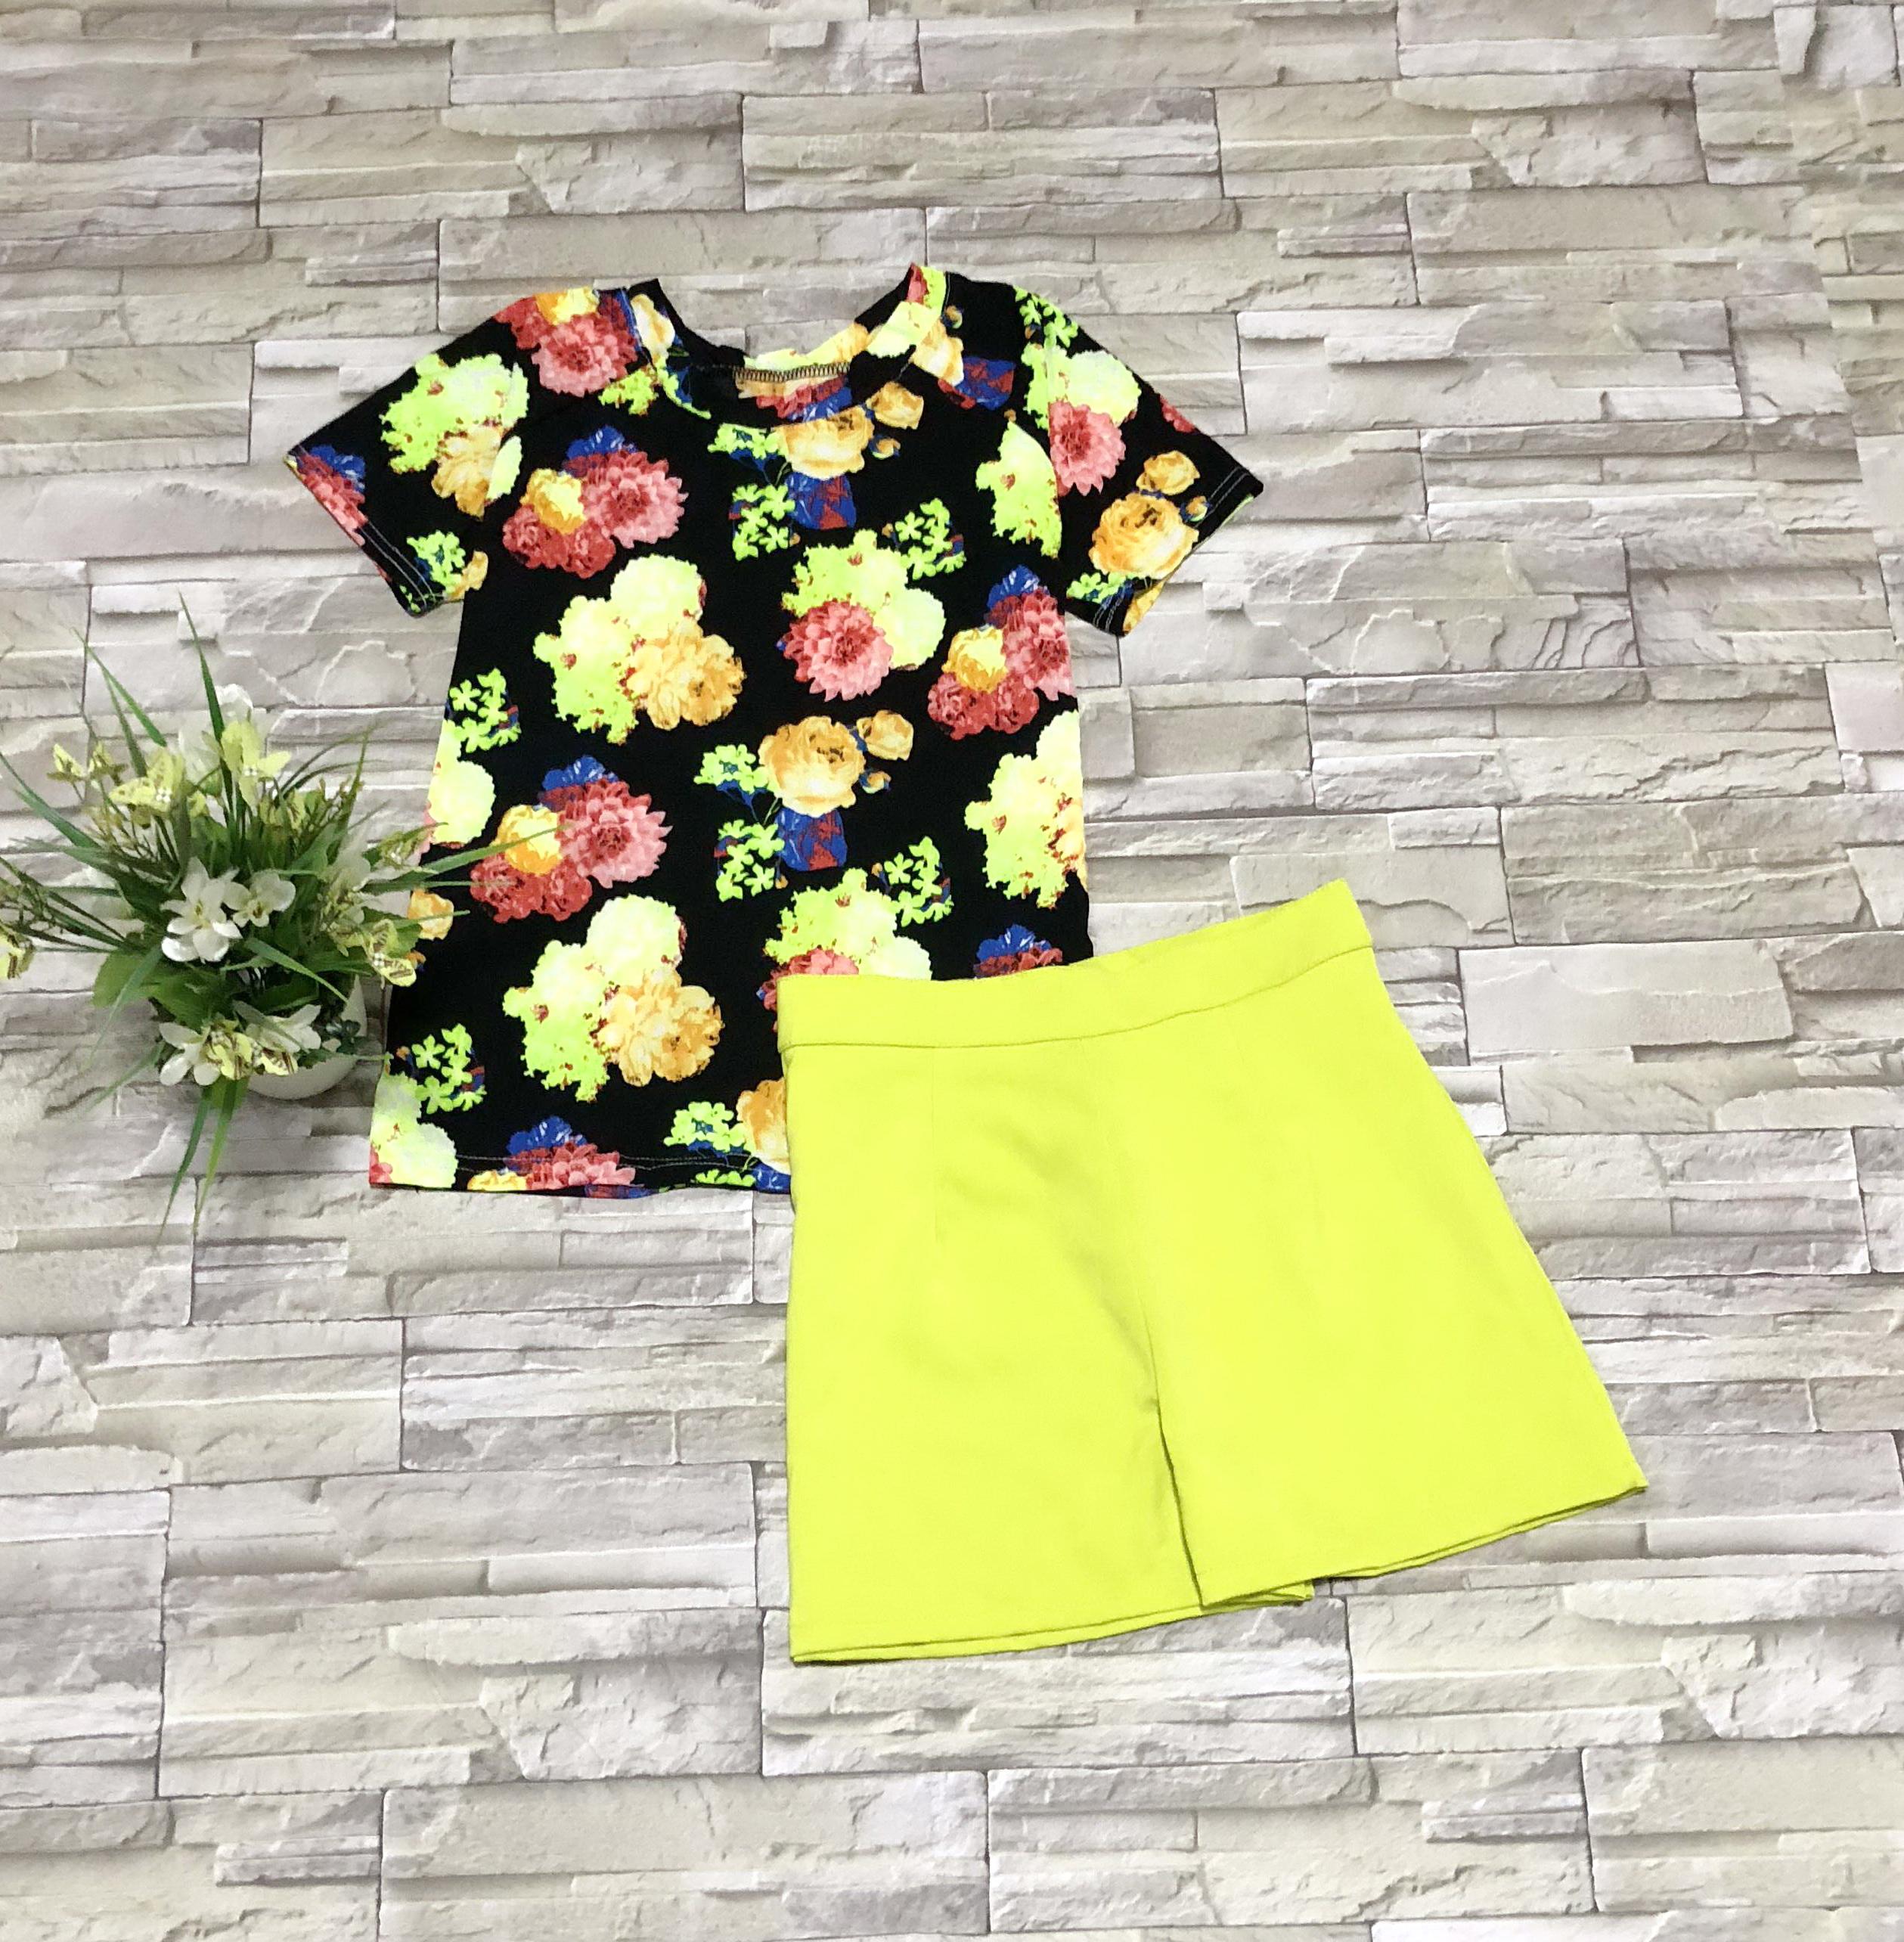 ส่ง:เช็ท2ชิ้น/เสื้อดอกสดใสอก36+กางเกงฮานาโกะเอว28